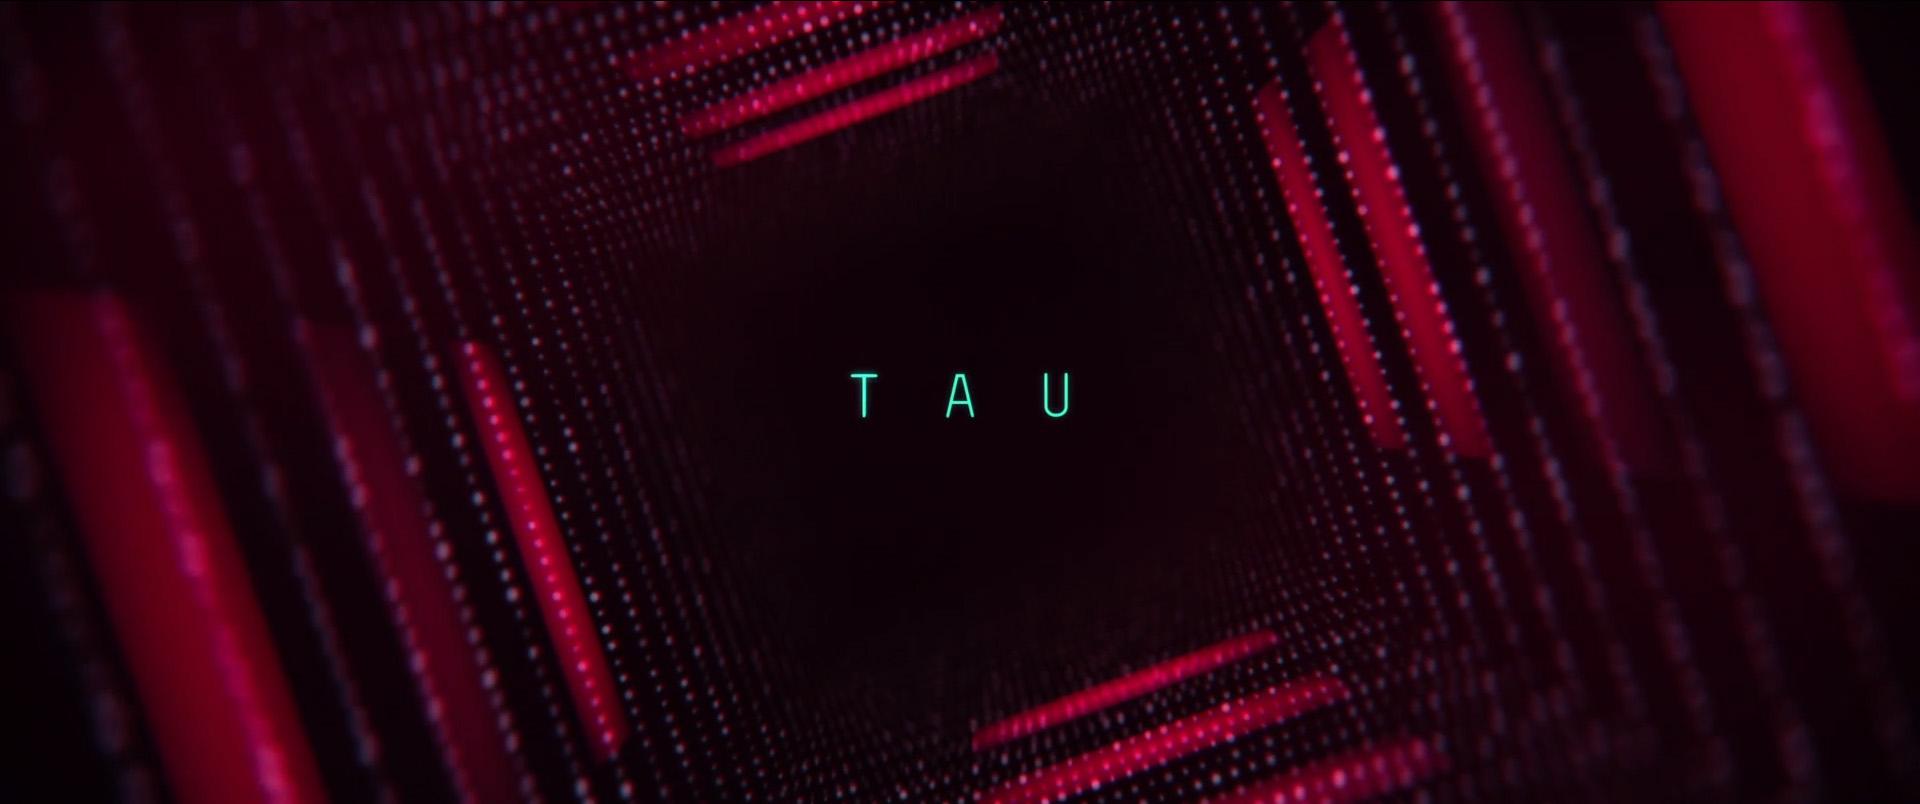 TAU_005